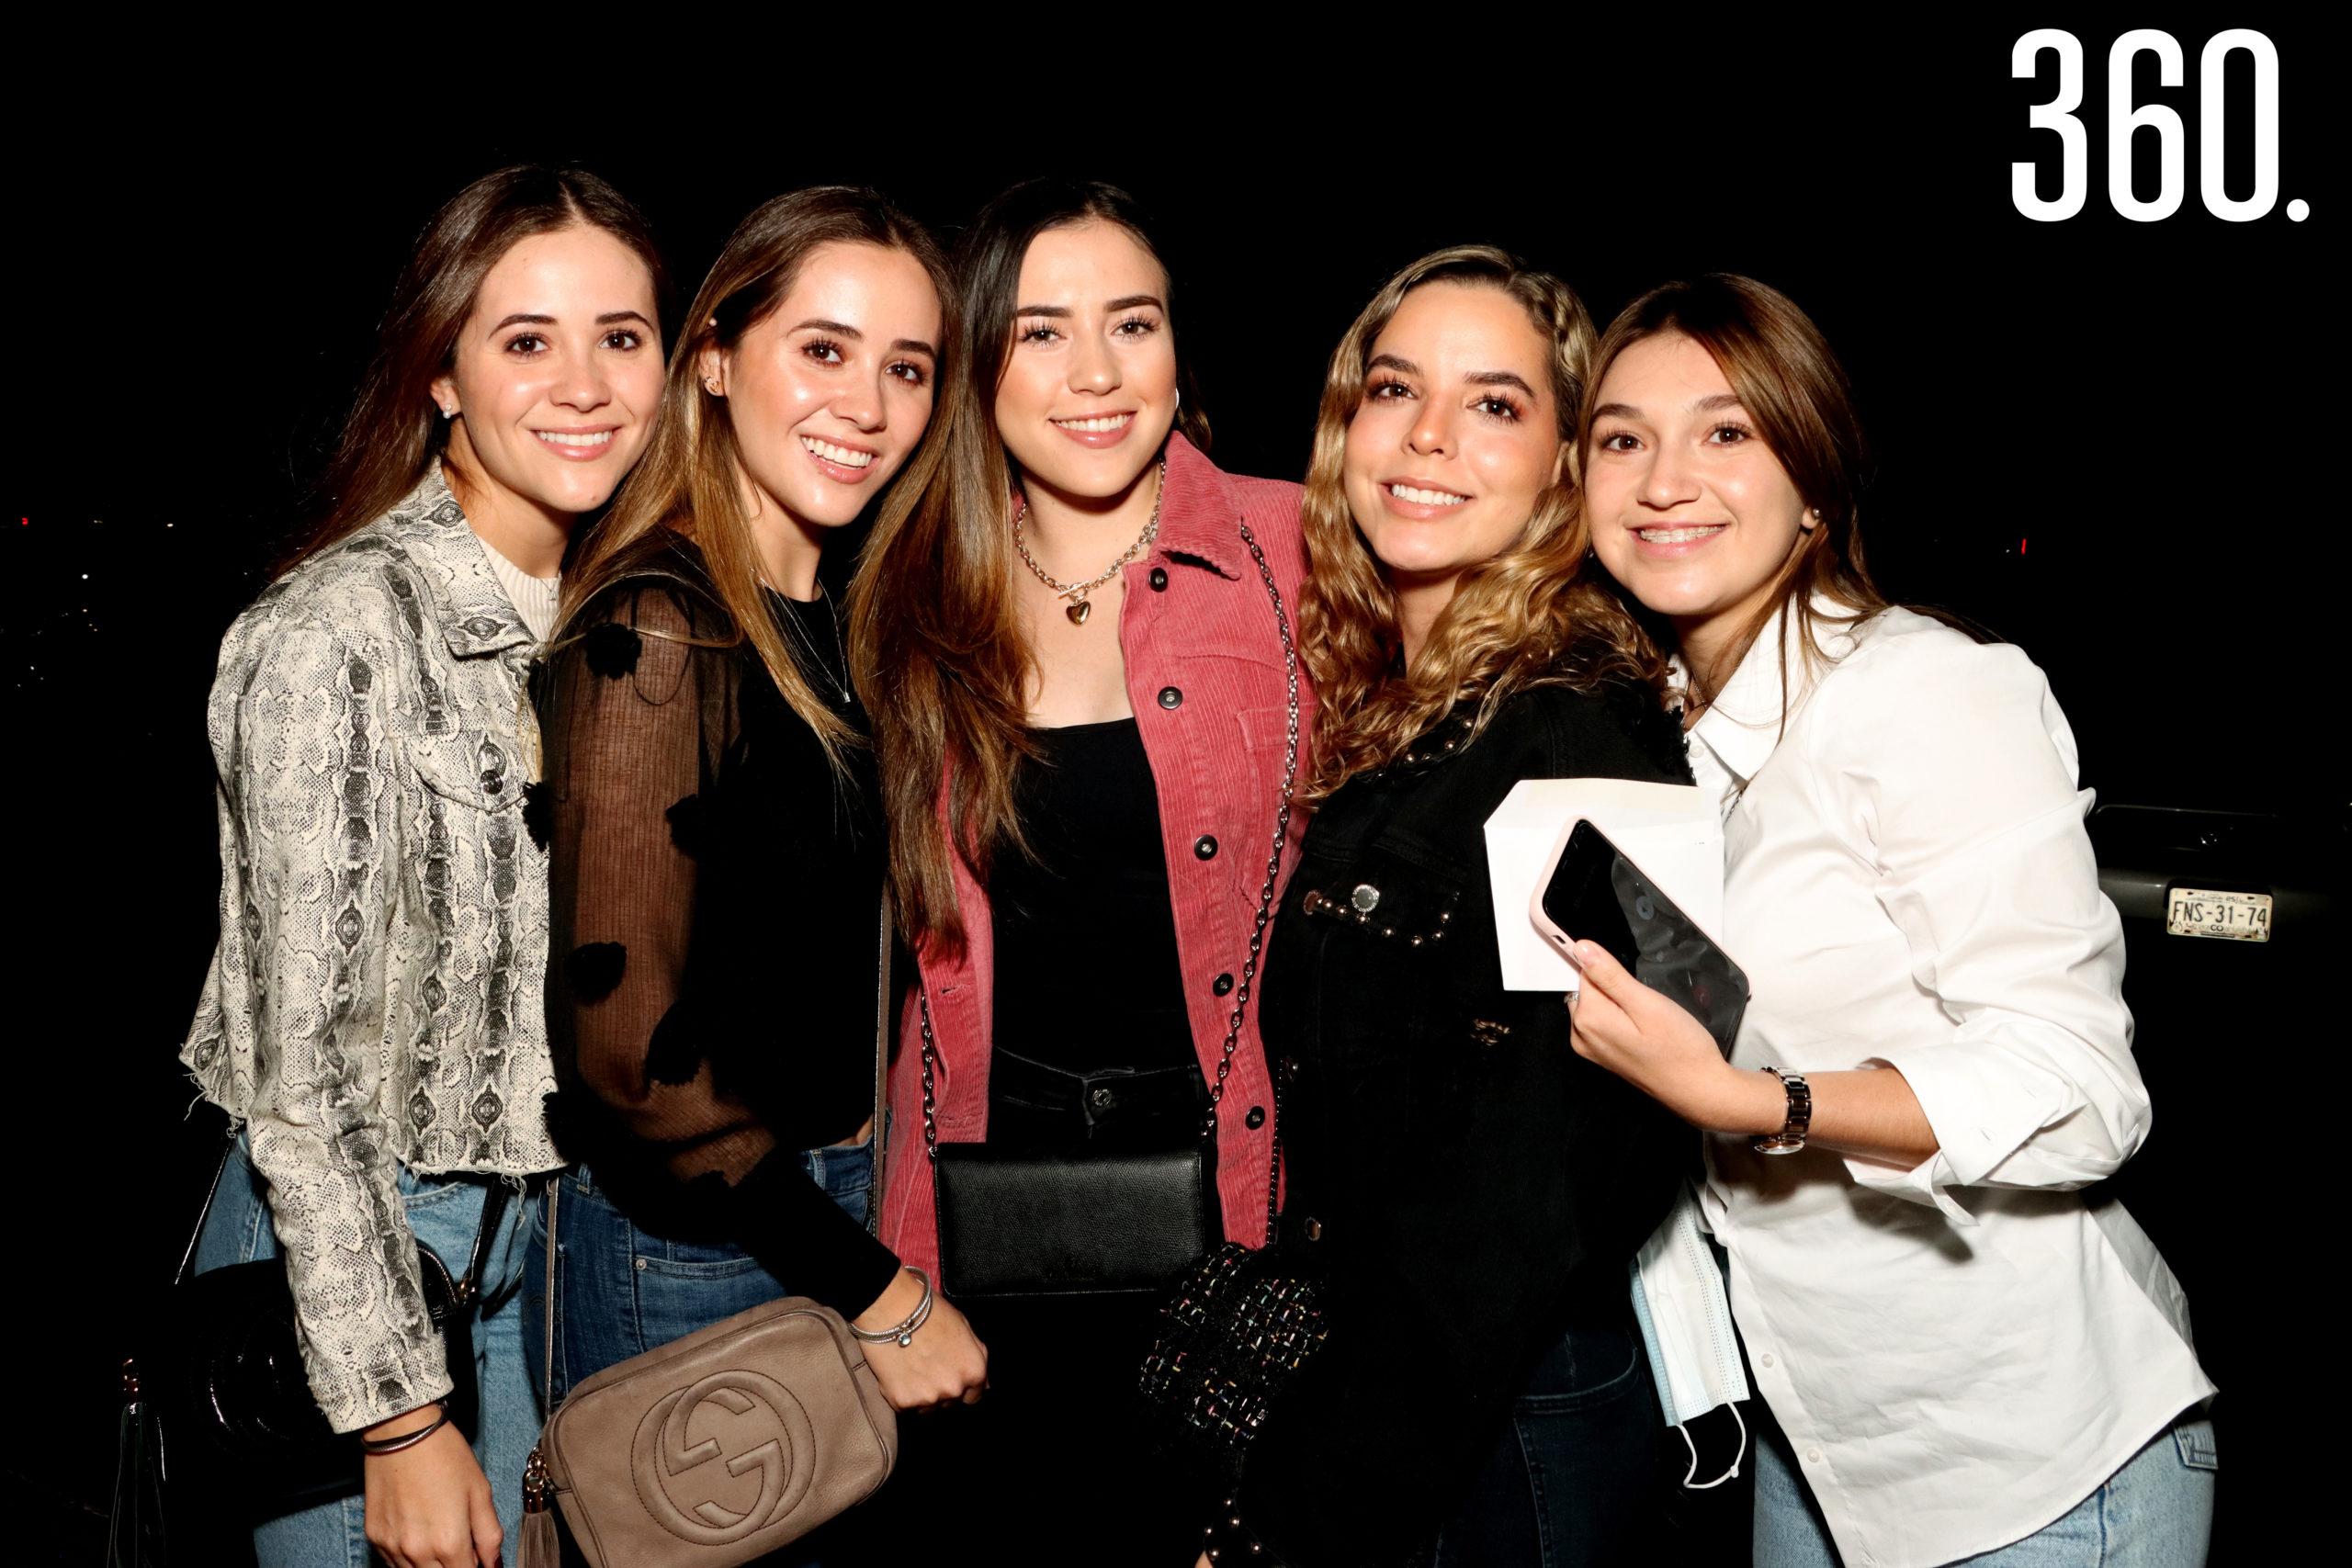 Alana e Izar Muñoz, Isabella Robles, Erika Heat y Fernanda Doguín.